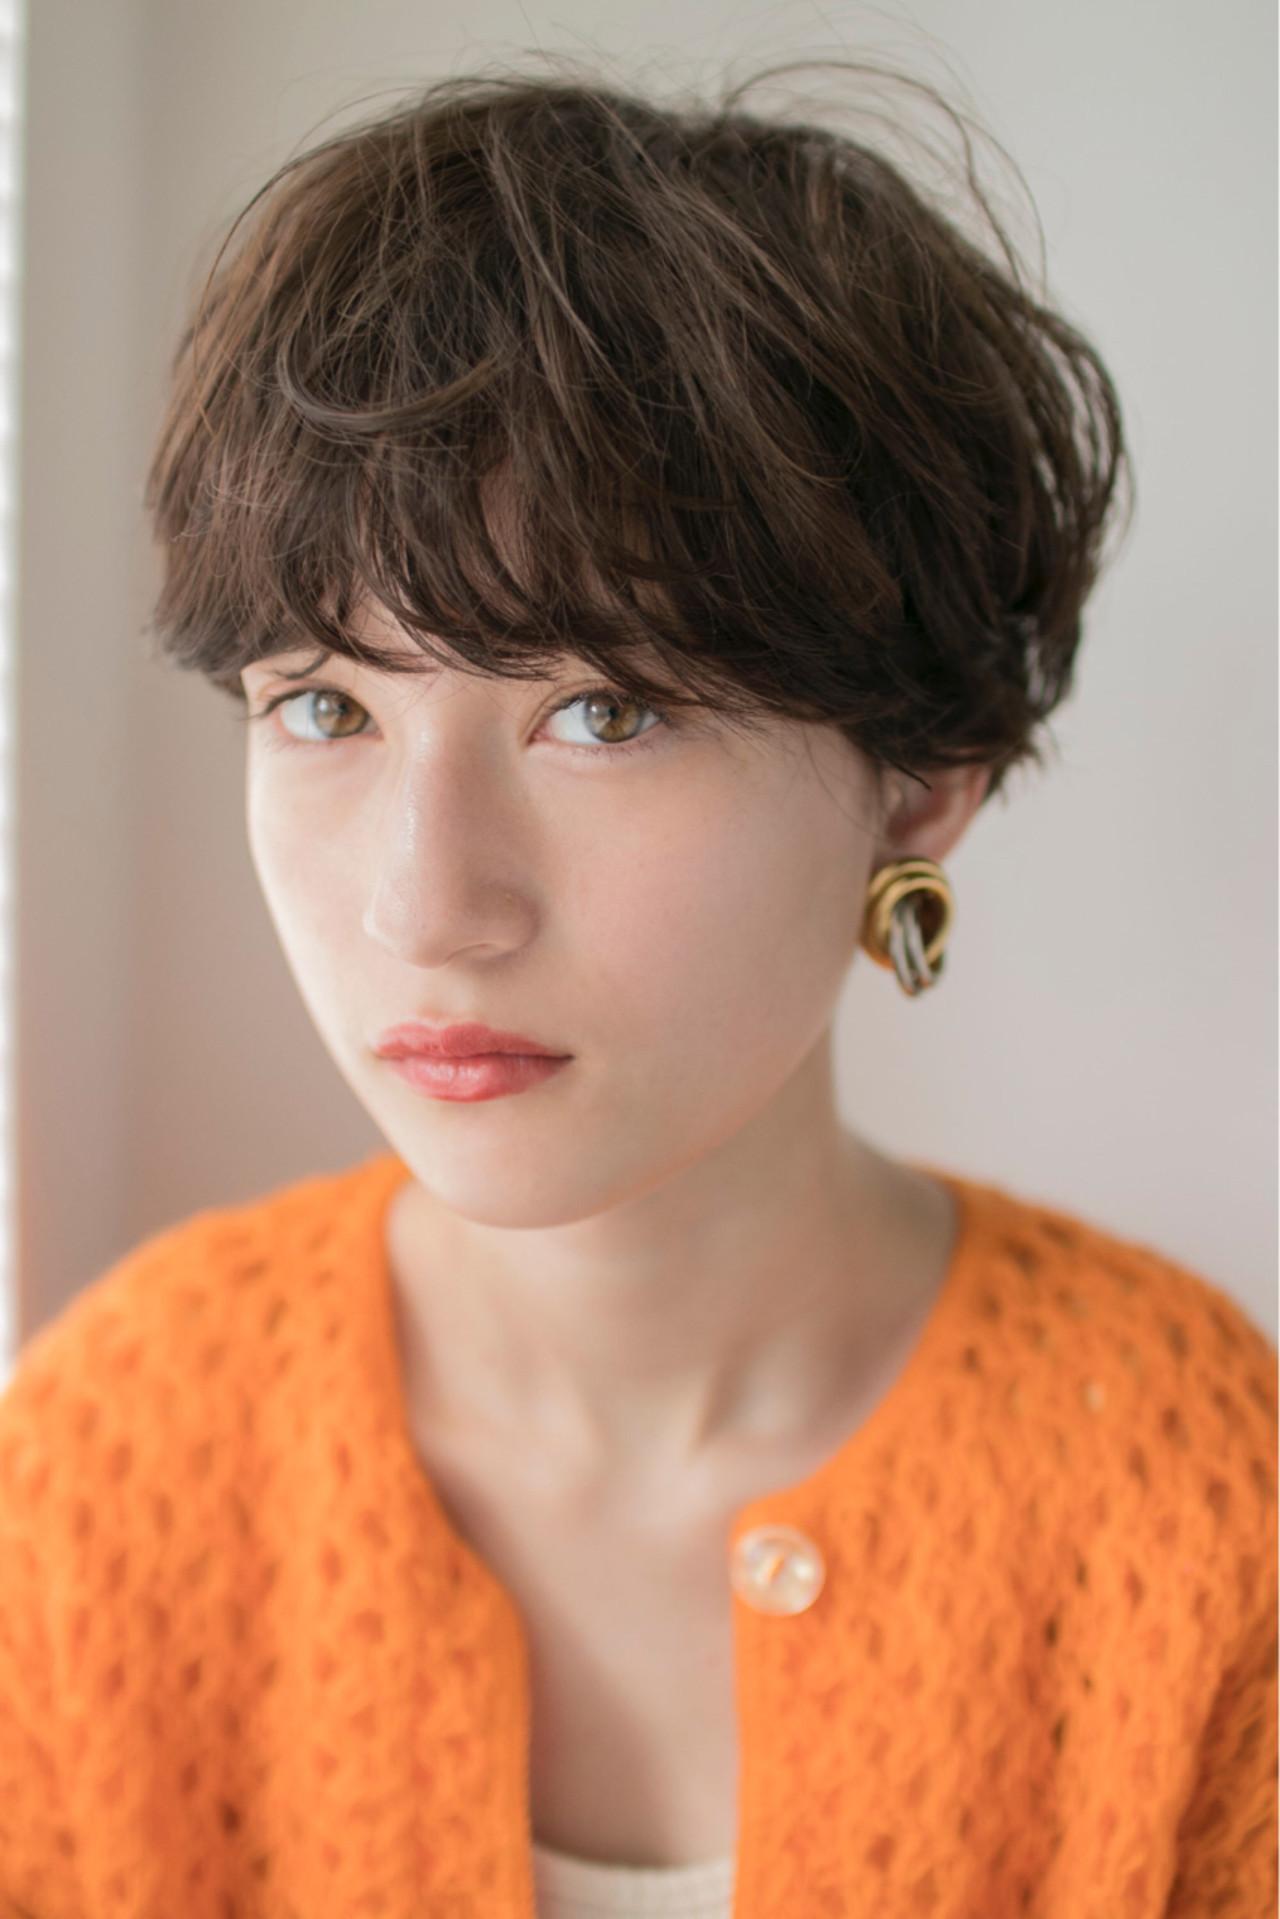 ヘアアレンジ マッシュ ショート モード ヘアスタイルや髪型の写真・画像